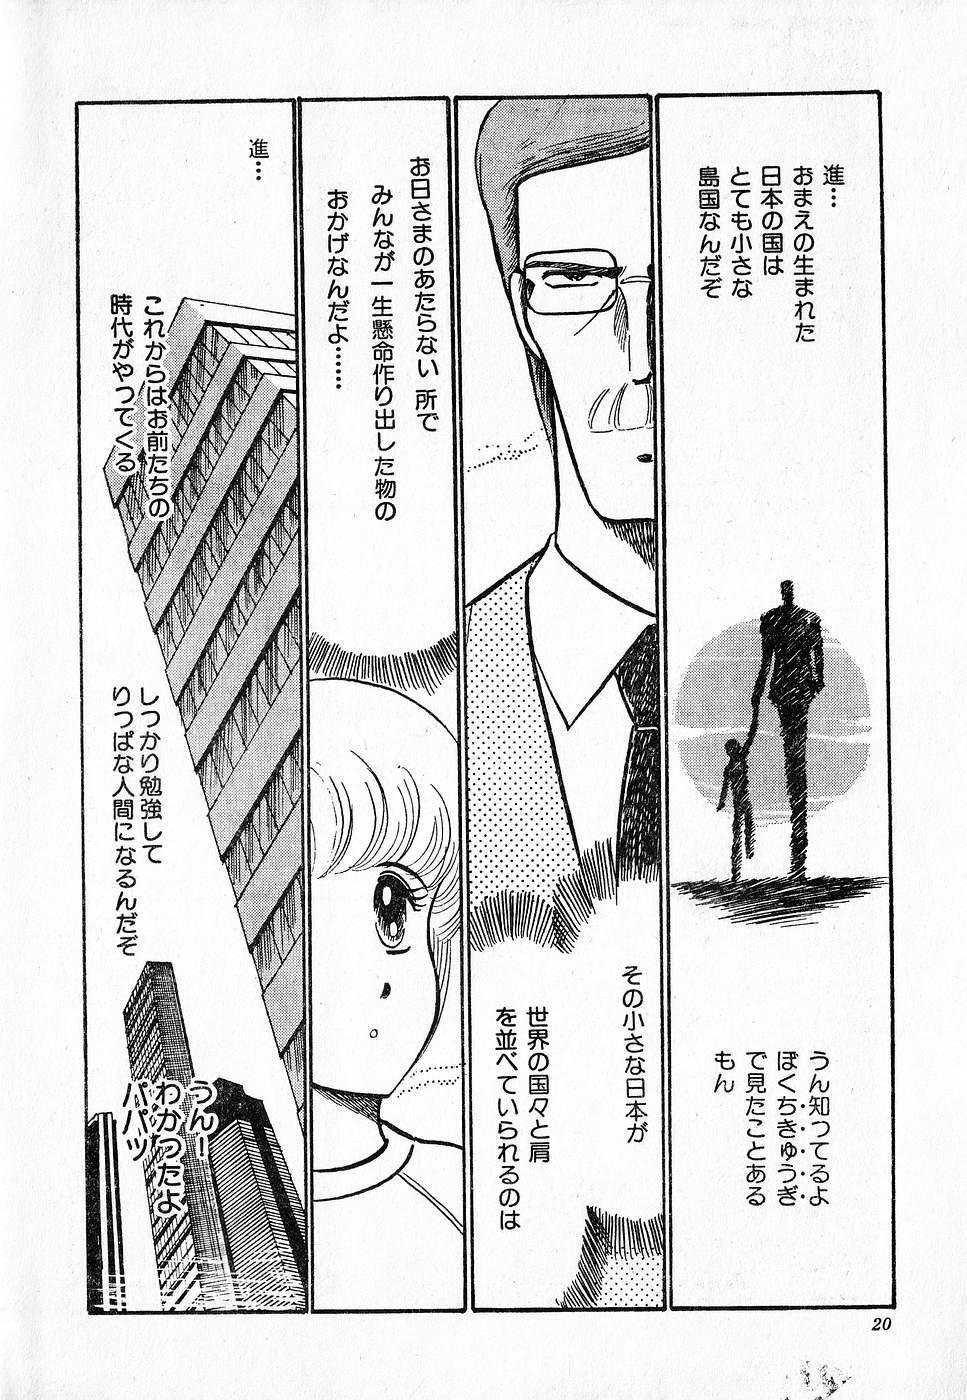 COMIC Lolipop 1985-10 Soukanjunbigou Aki 19